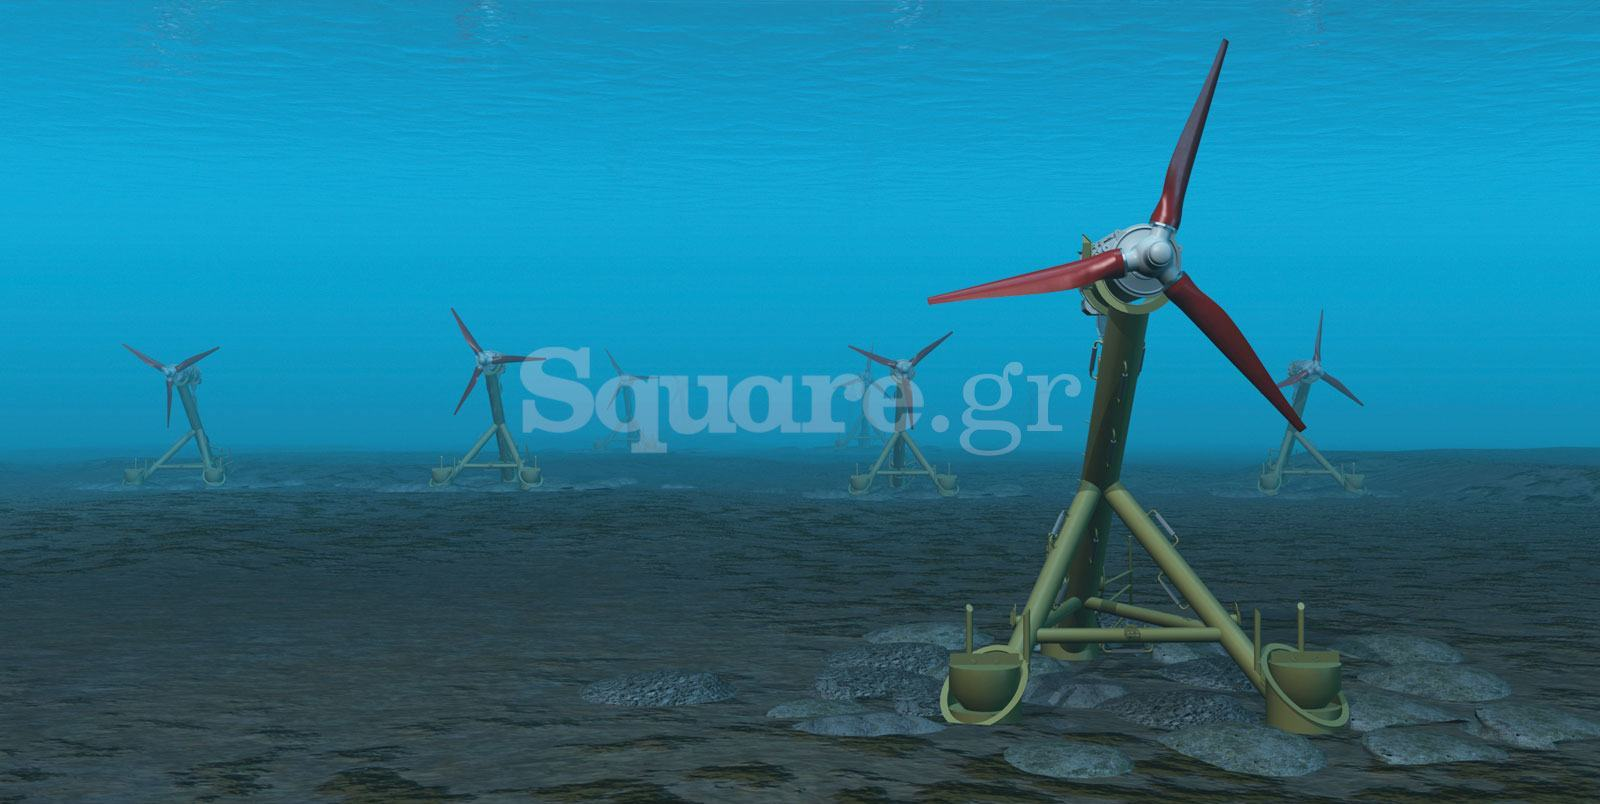 3-Ηλεκτρική-Ενέργεια-από-τον-Εύριπο-παλίρροια-Χαλκίδας-Εύβοια-Σύστημα-οριζόντιου-άξονα-Hammerfest-StrØm